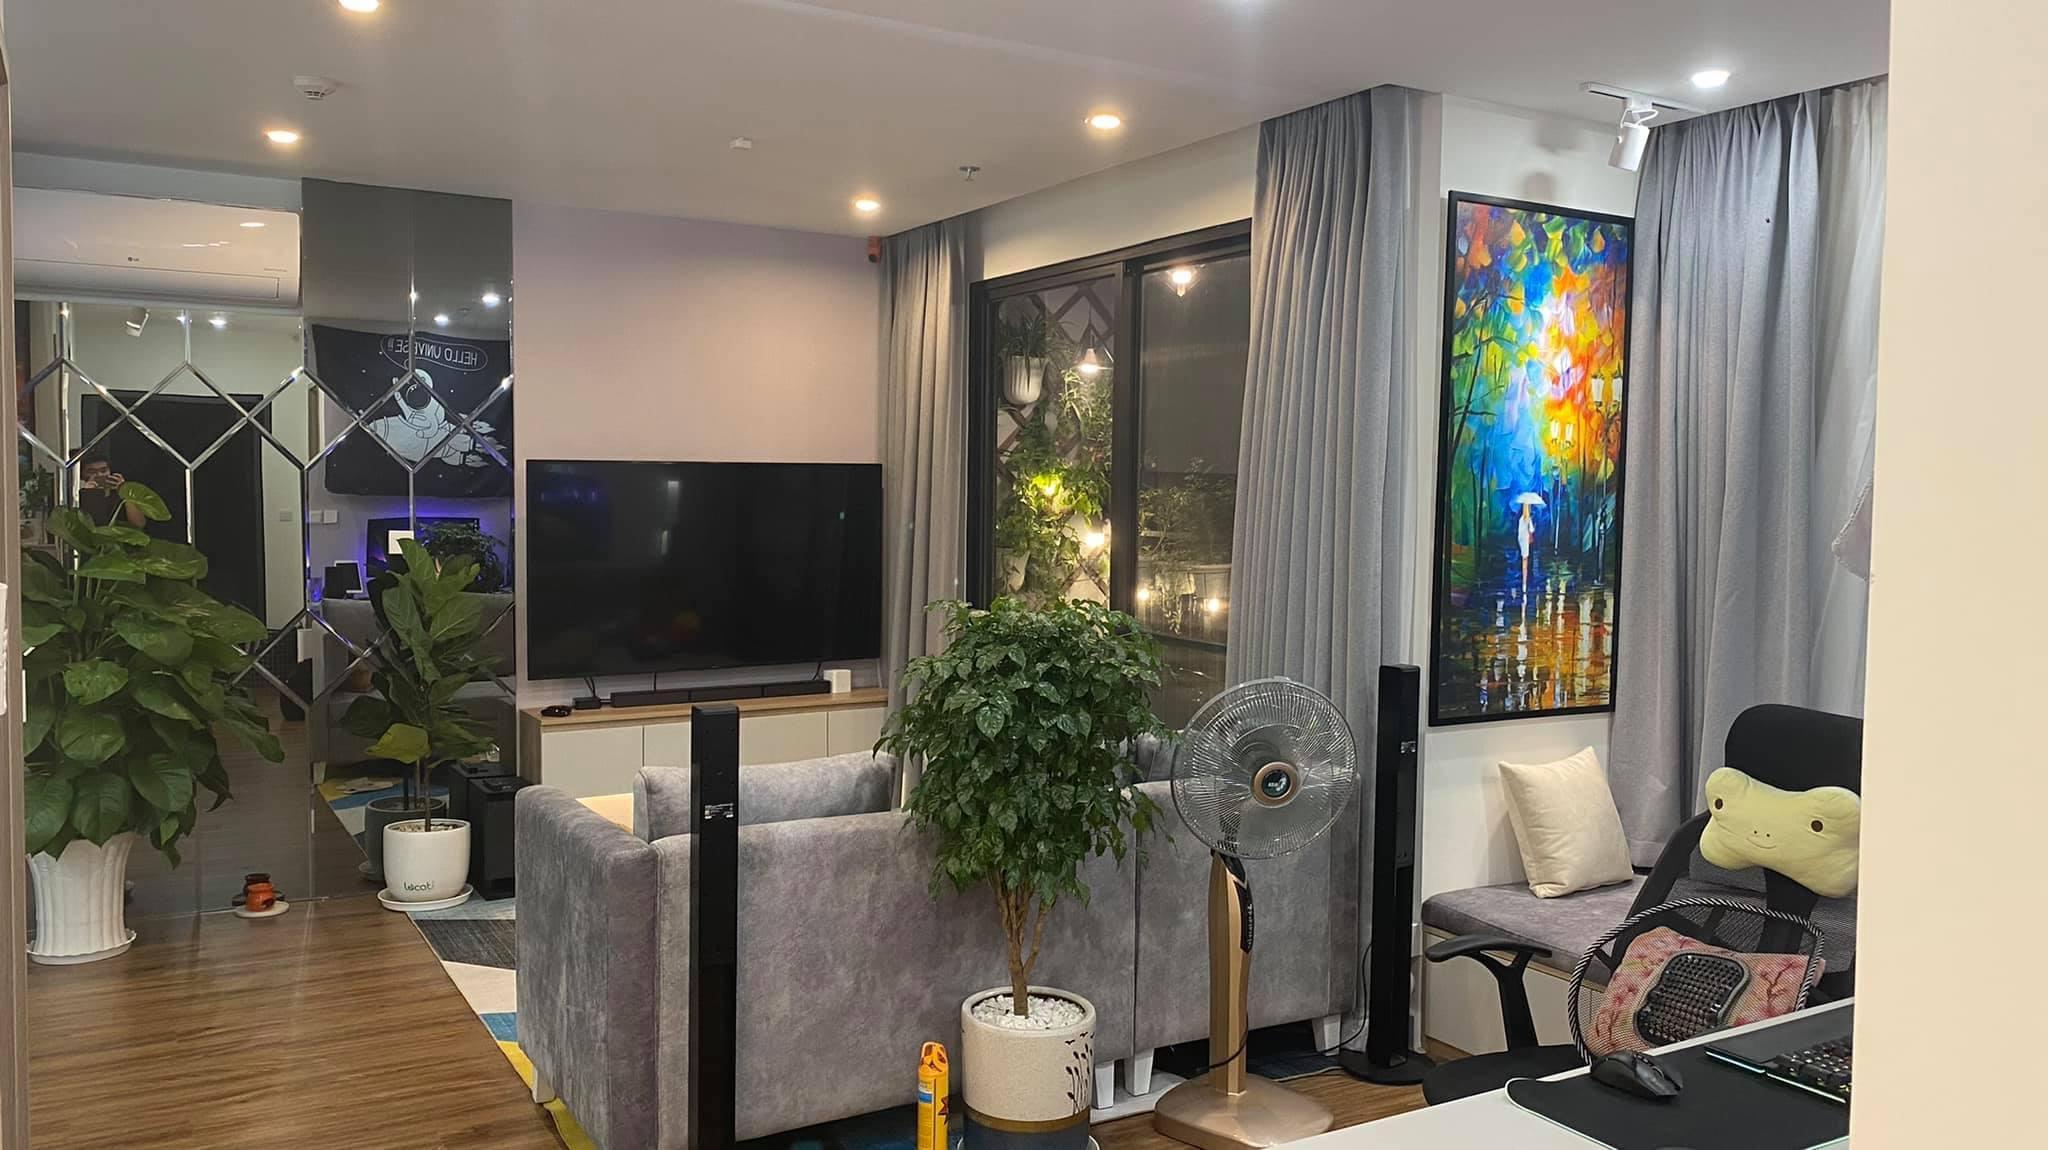 Căn hộ 2 phòng ngủ tầng 19 toà S2.02 Vinhomes Grand Park 8 triệu/tháng 6